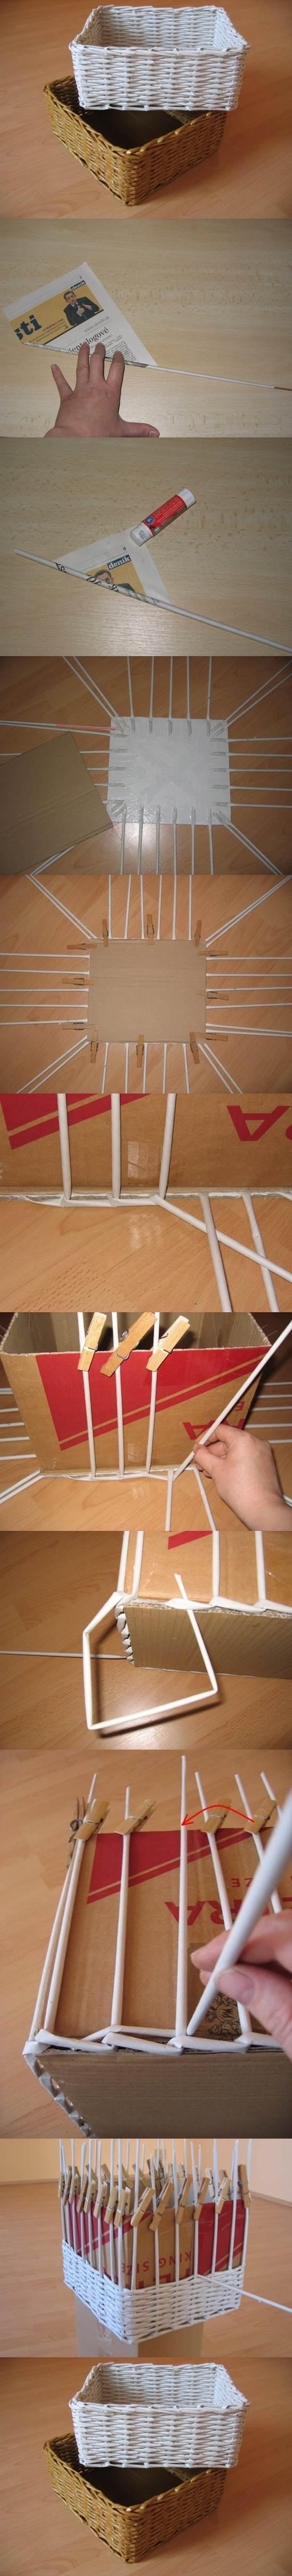 DIY Woven Storage Organizer from Newspaper